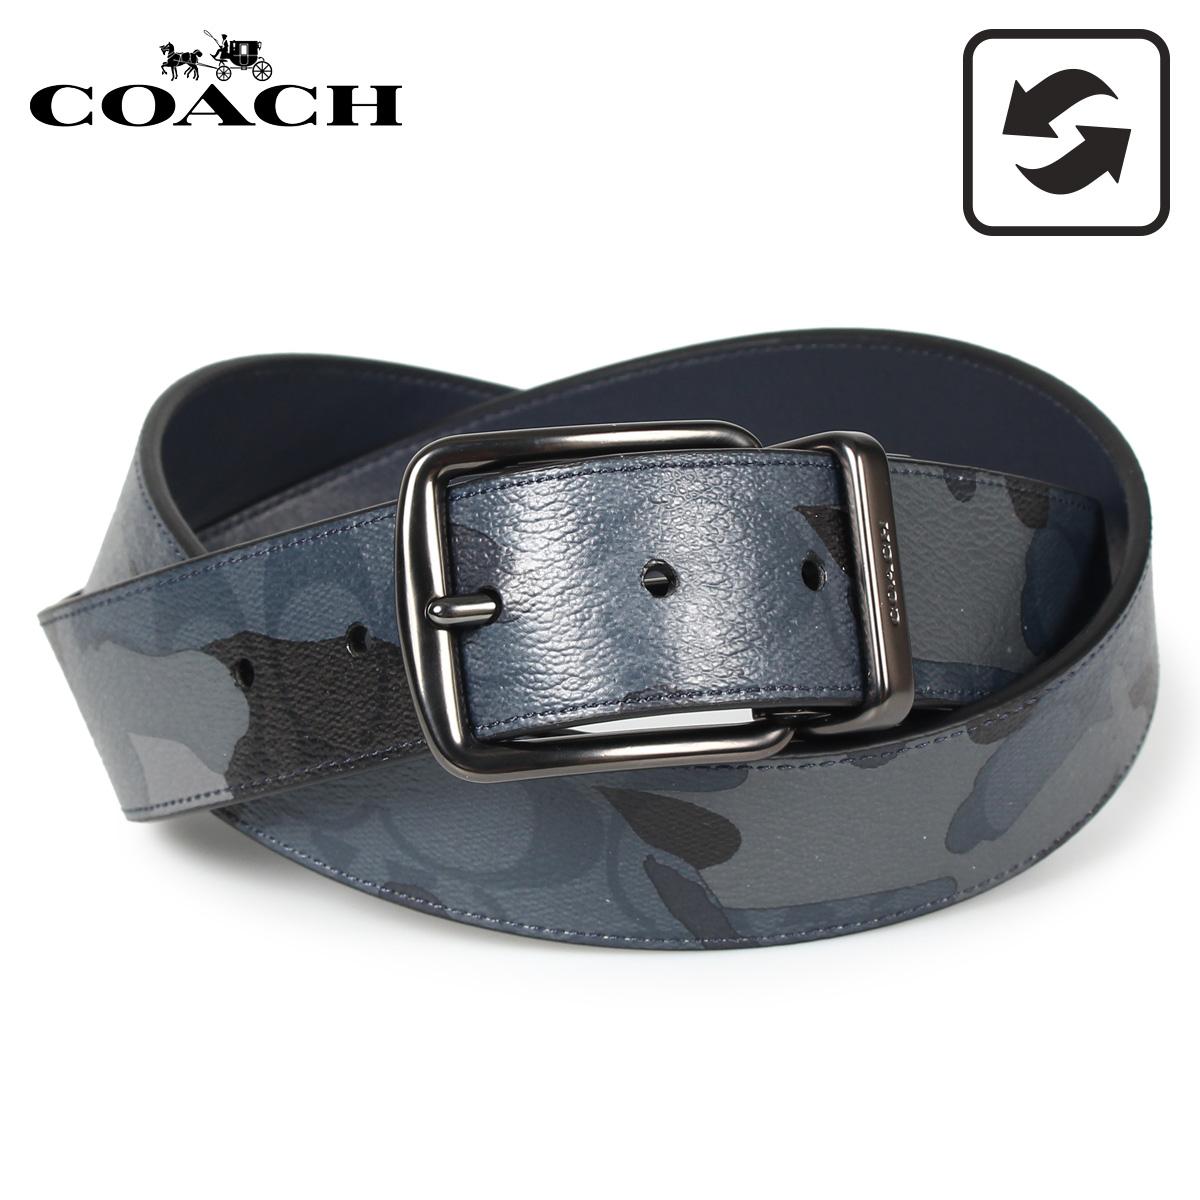 COACH F76949-QBBLM コーチ ベルト レザーベルト メンズ リバーシブル カモ 迷彩 ブルー マルチ [11/15 新入荷]